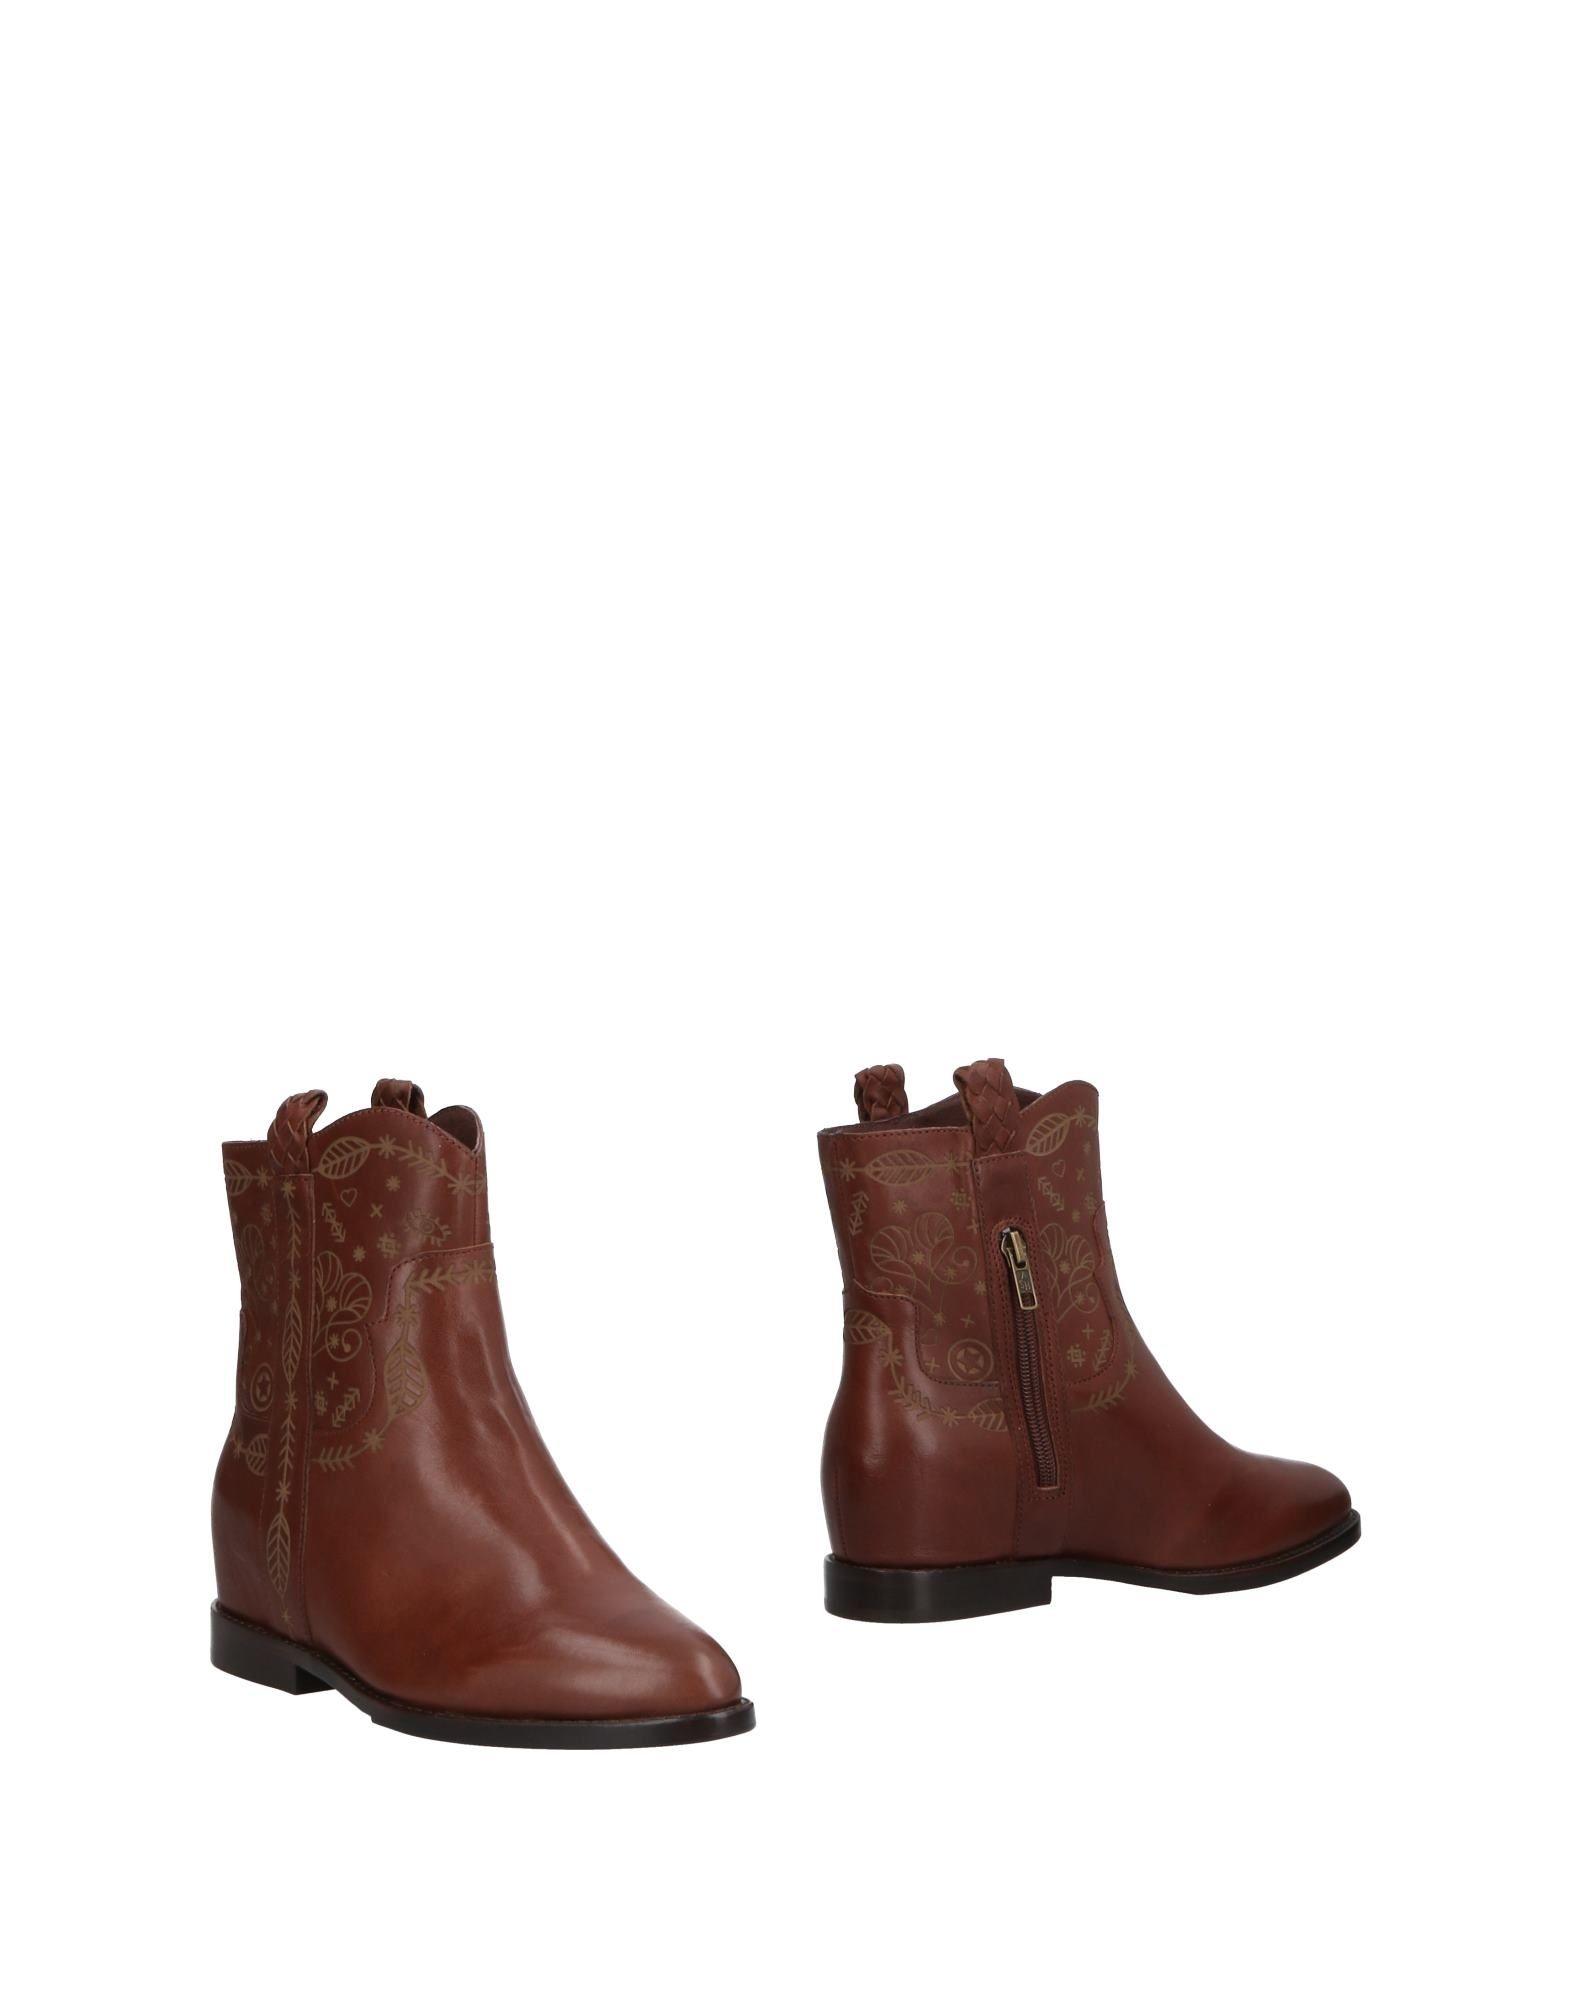 Ash Stiefelette Damen  11506616URGut aussehende strapazierfähige Schuhe